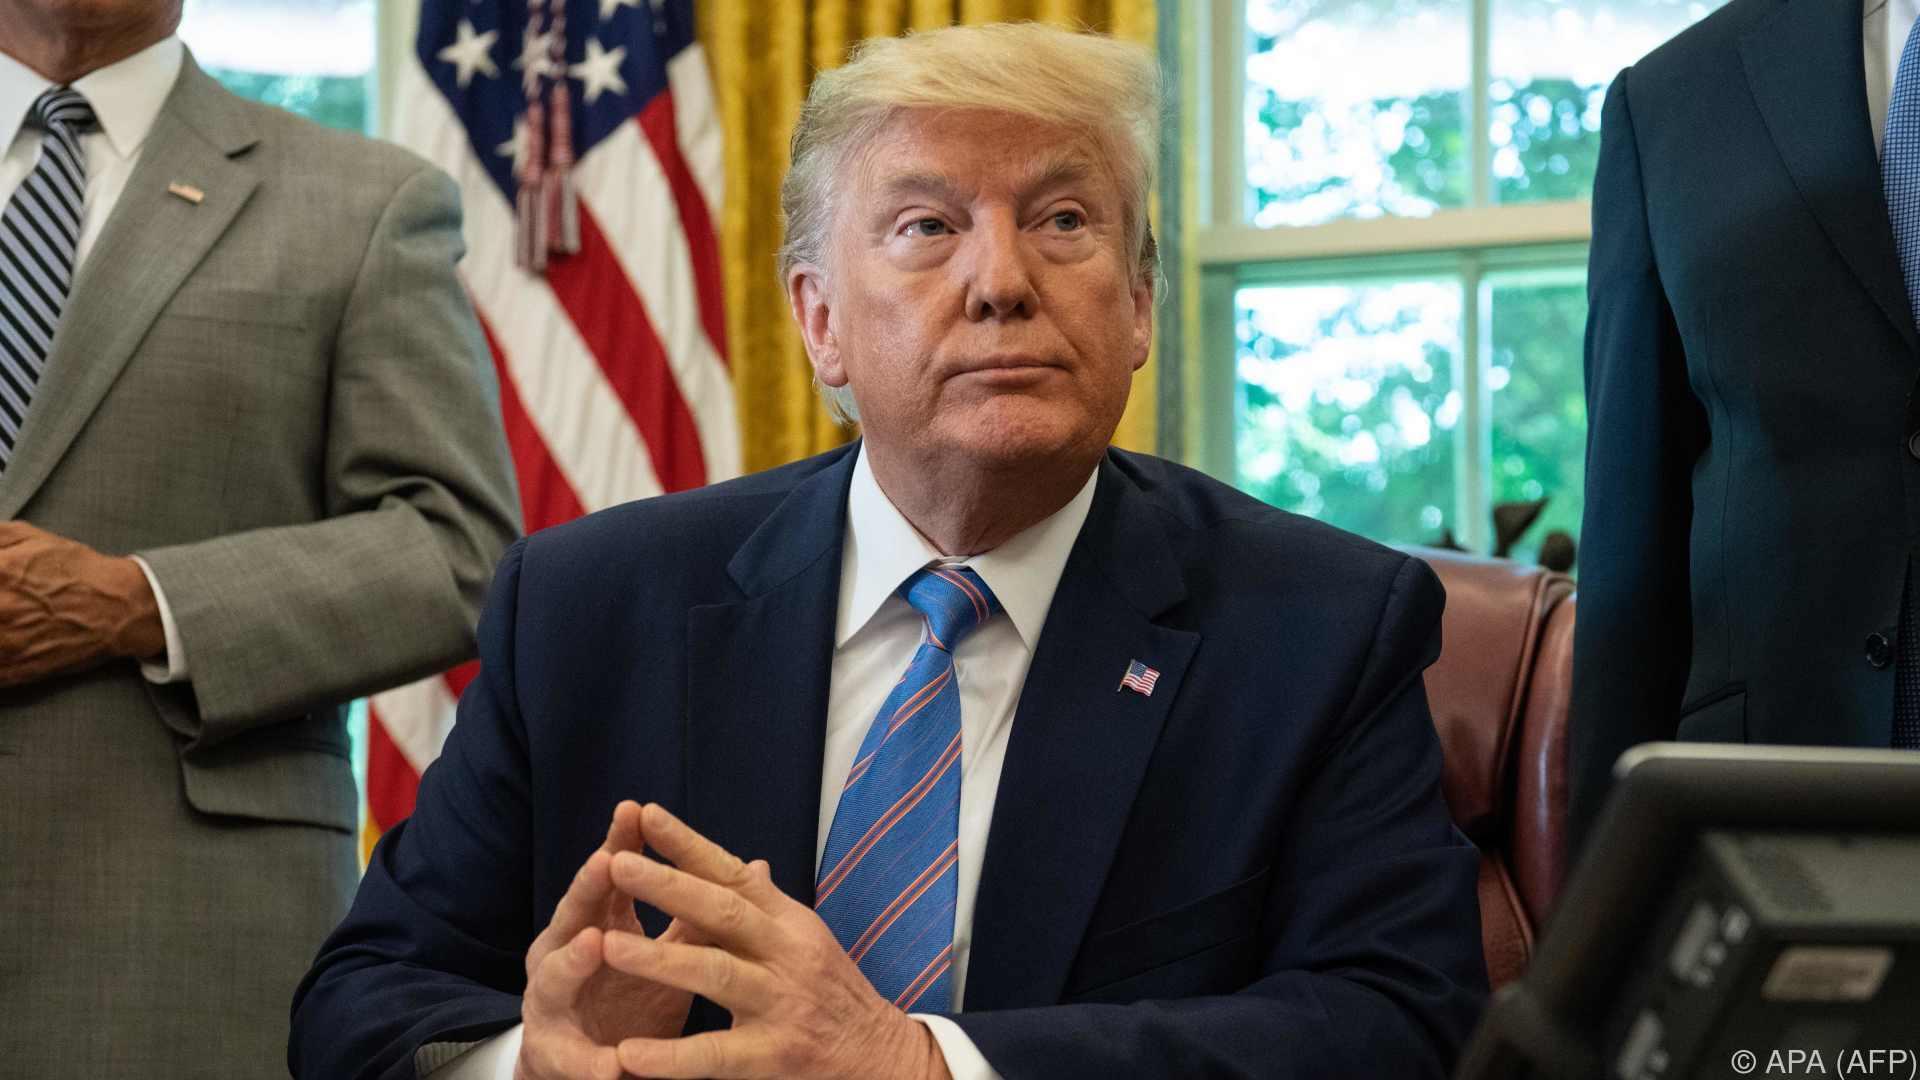 Trumps Geistesblitz: Mit Atombomben Hurrikans bekämpfen